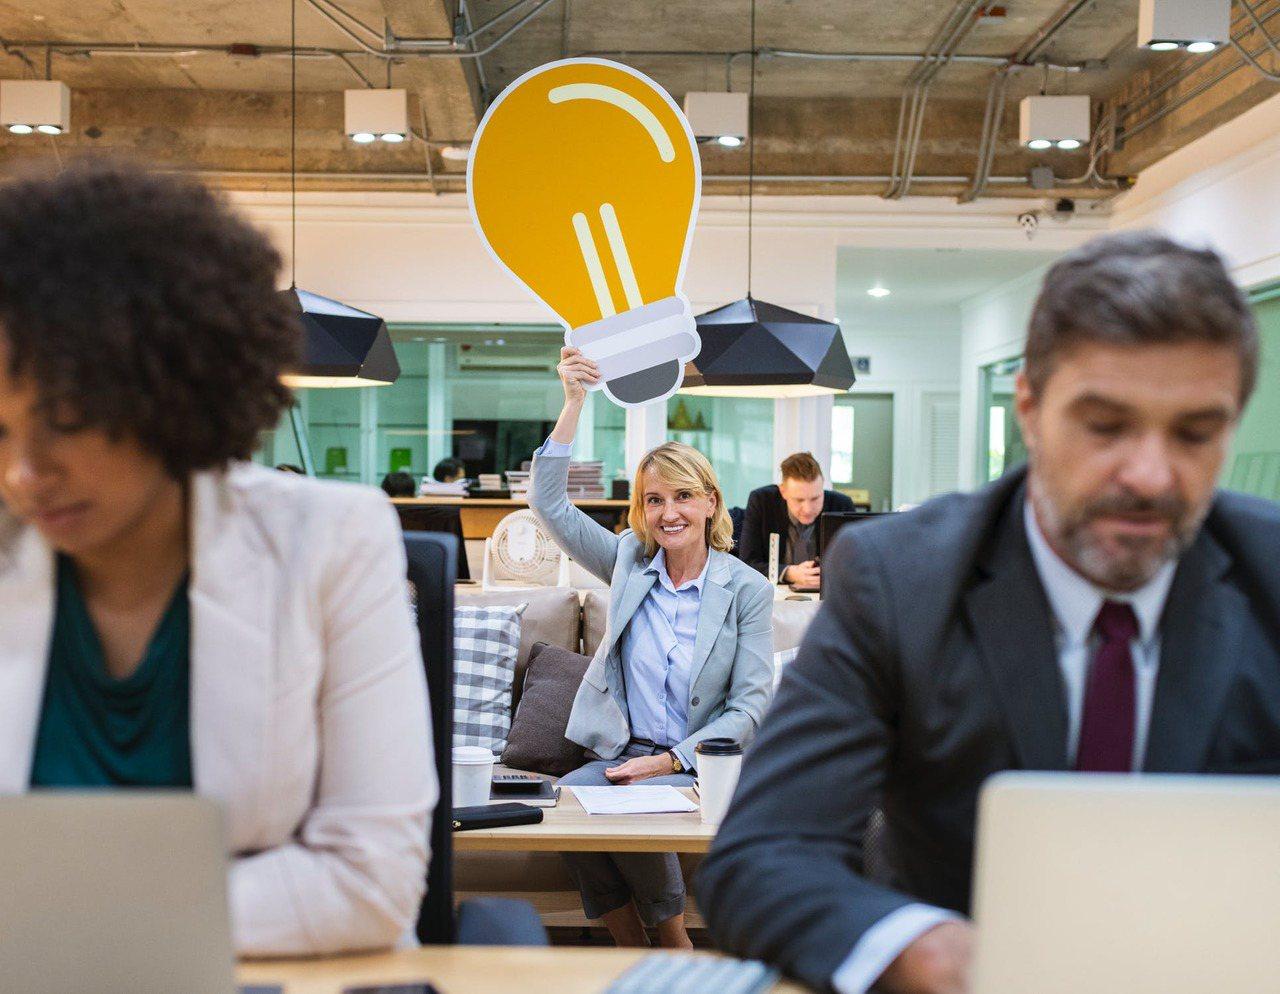 瘋狂品頭論足,通常是公司裡面,較有主導性特質的人,帶起「風向球」。圖/摘自 pe...